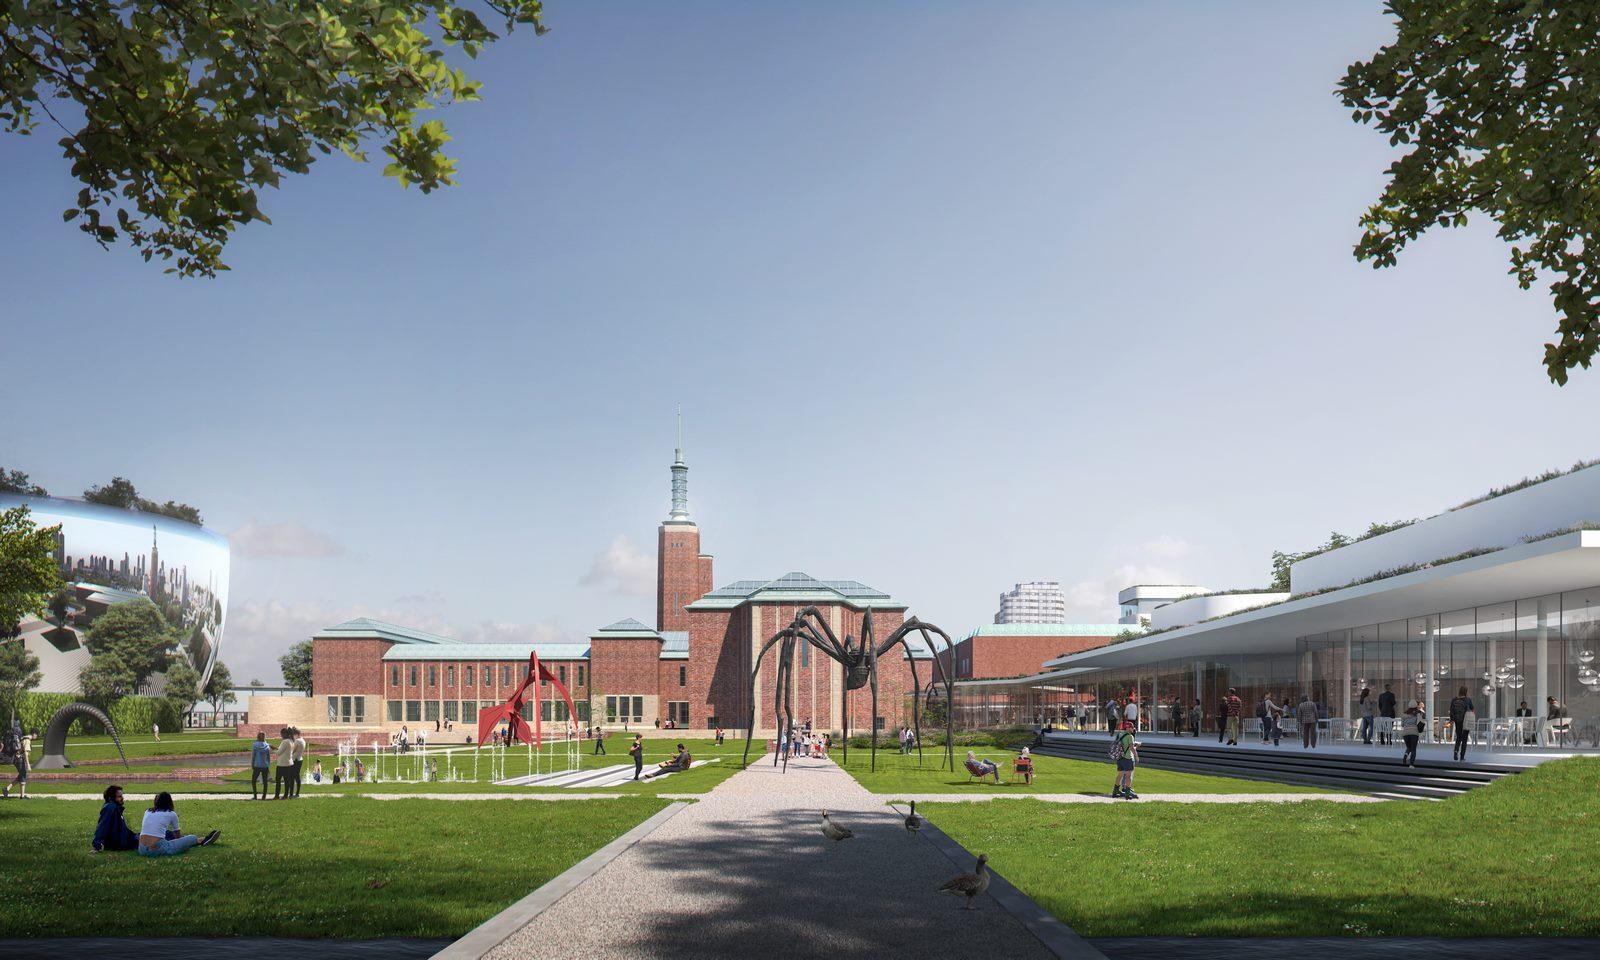 Nueva propuesta de Mecanoo para el Museo Boijmans van Beuningen, Rotterdam 11